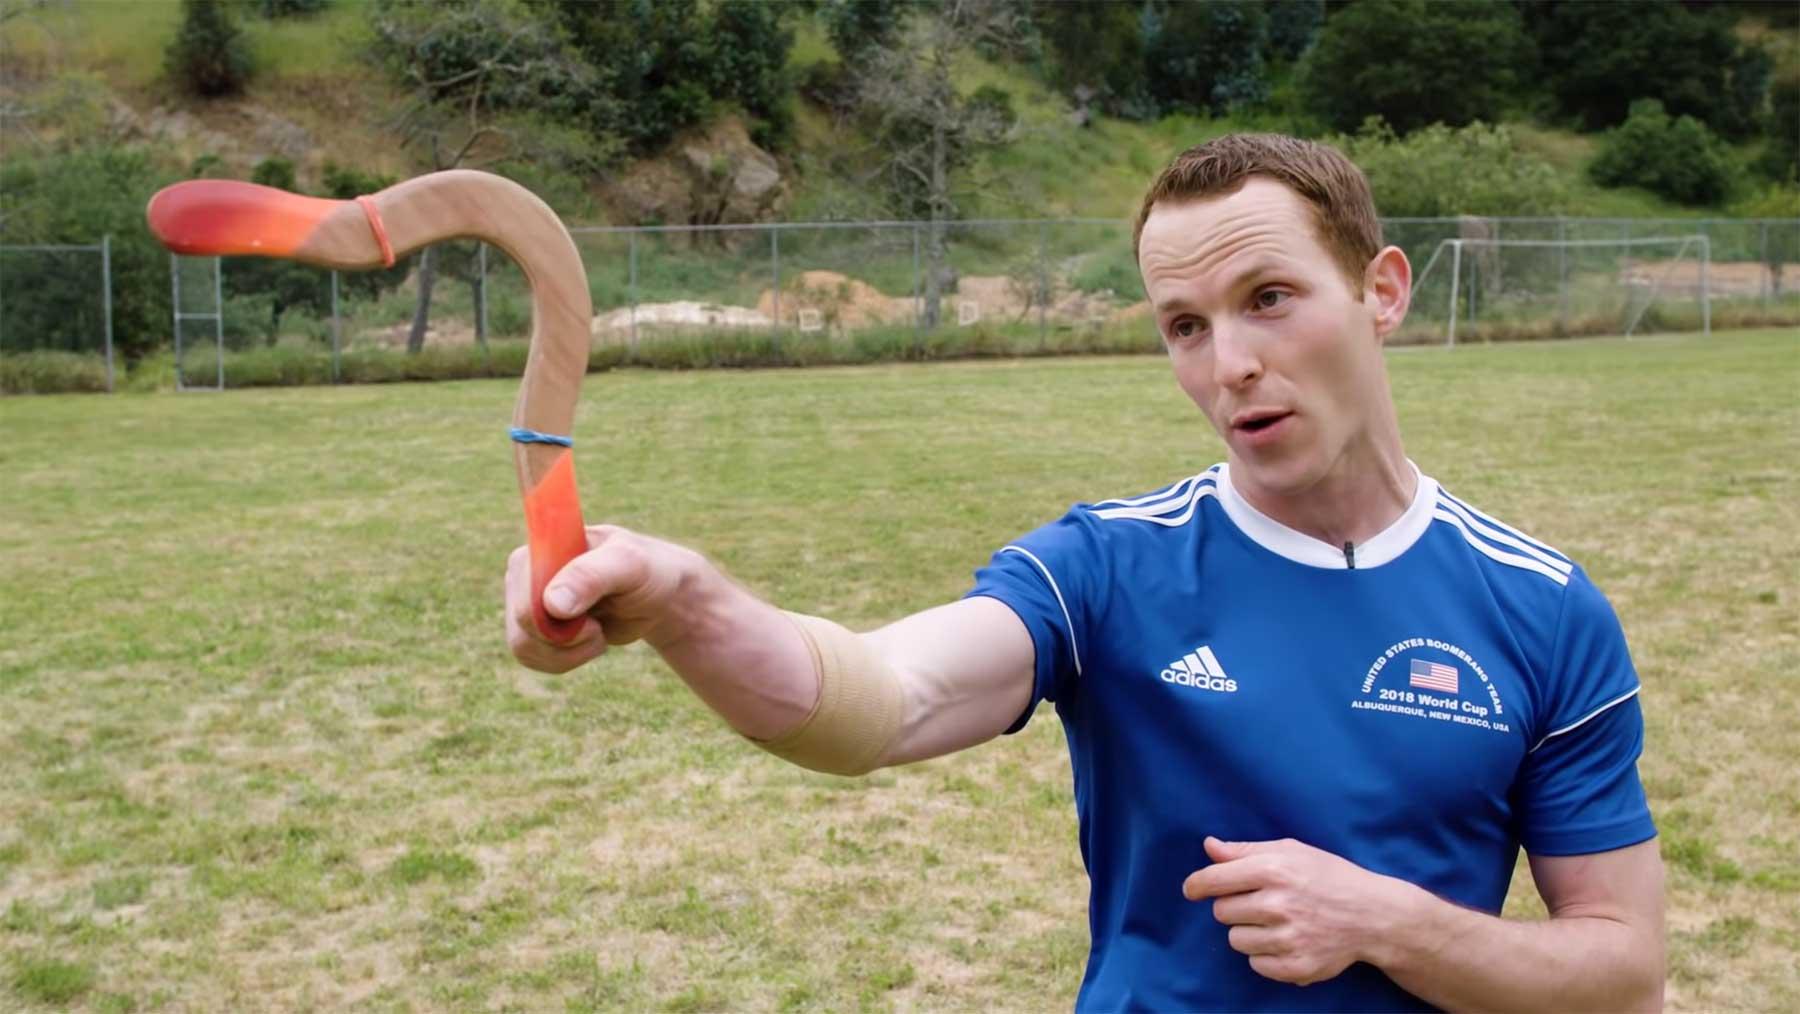 Logan Broadbent ist Weltmeister im Bumerang-Werfen